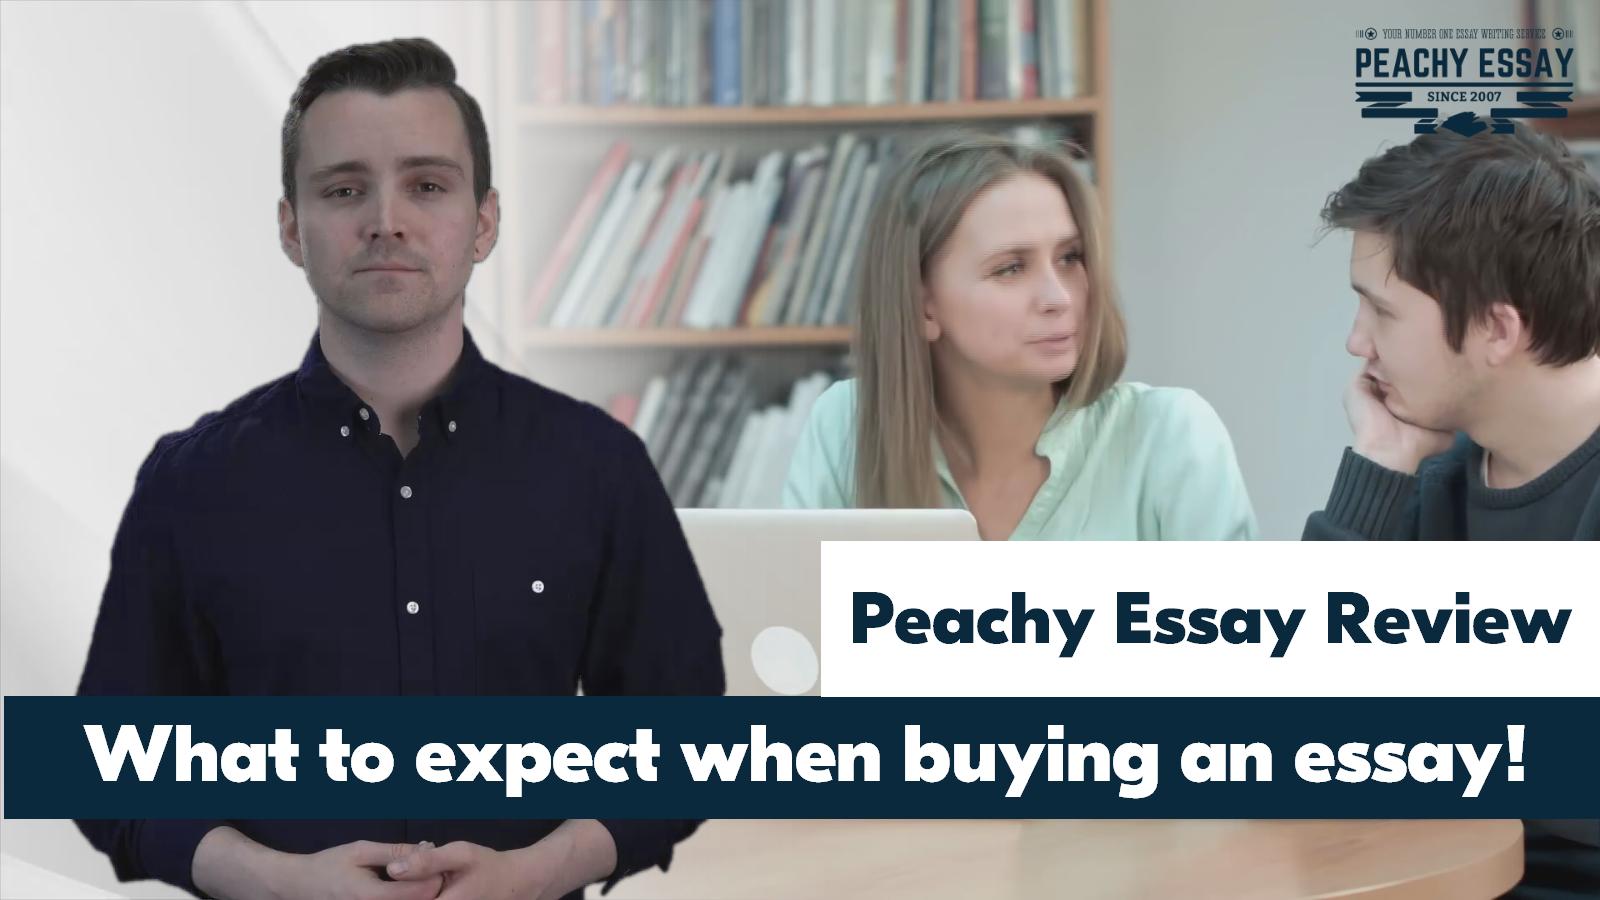 PeachyEssay.com Review - Peachy Essay Reviews - Academic Help